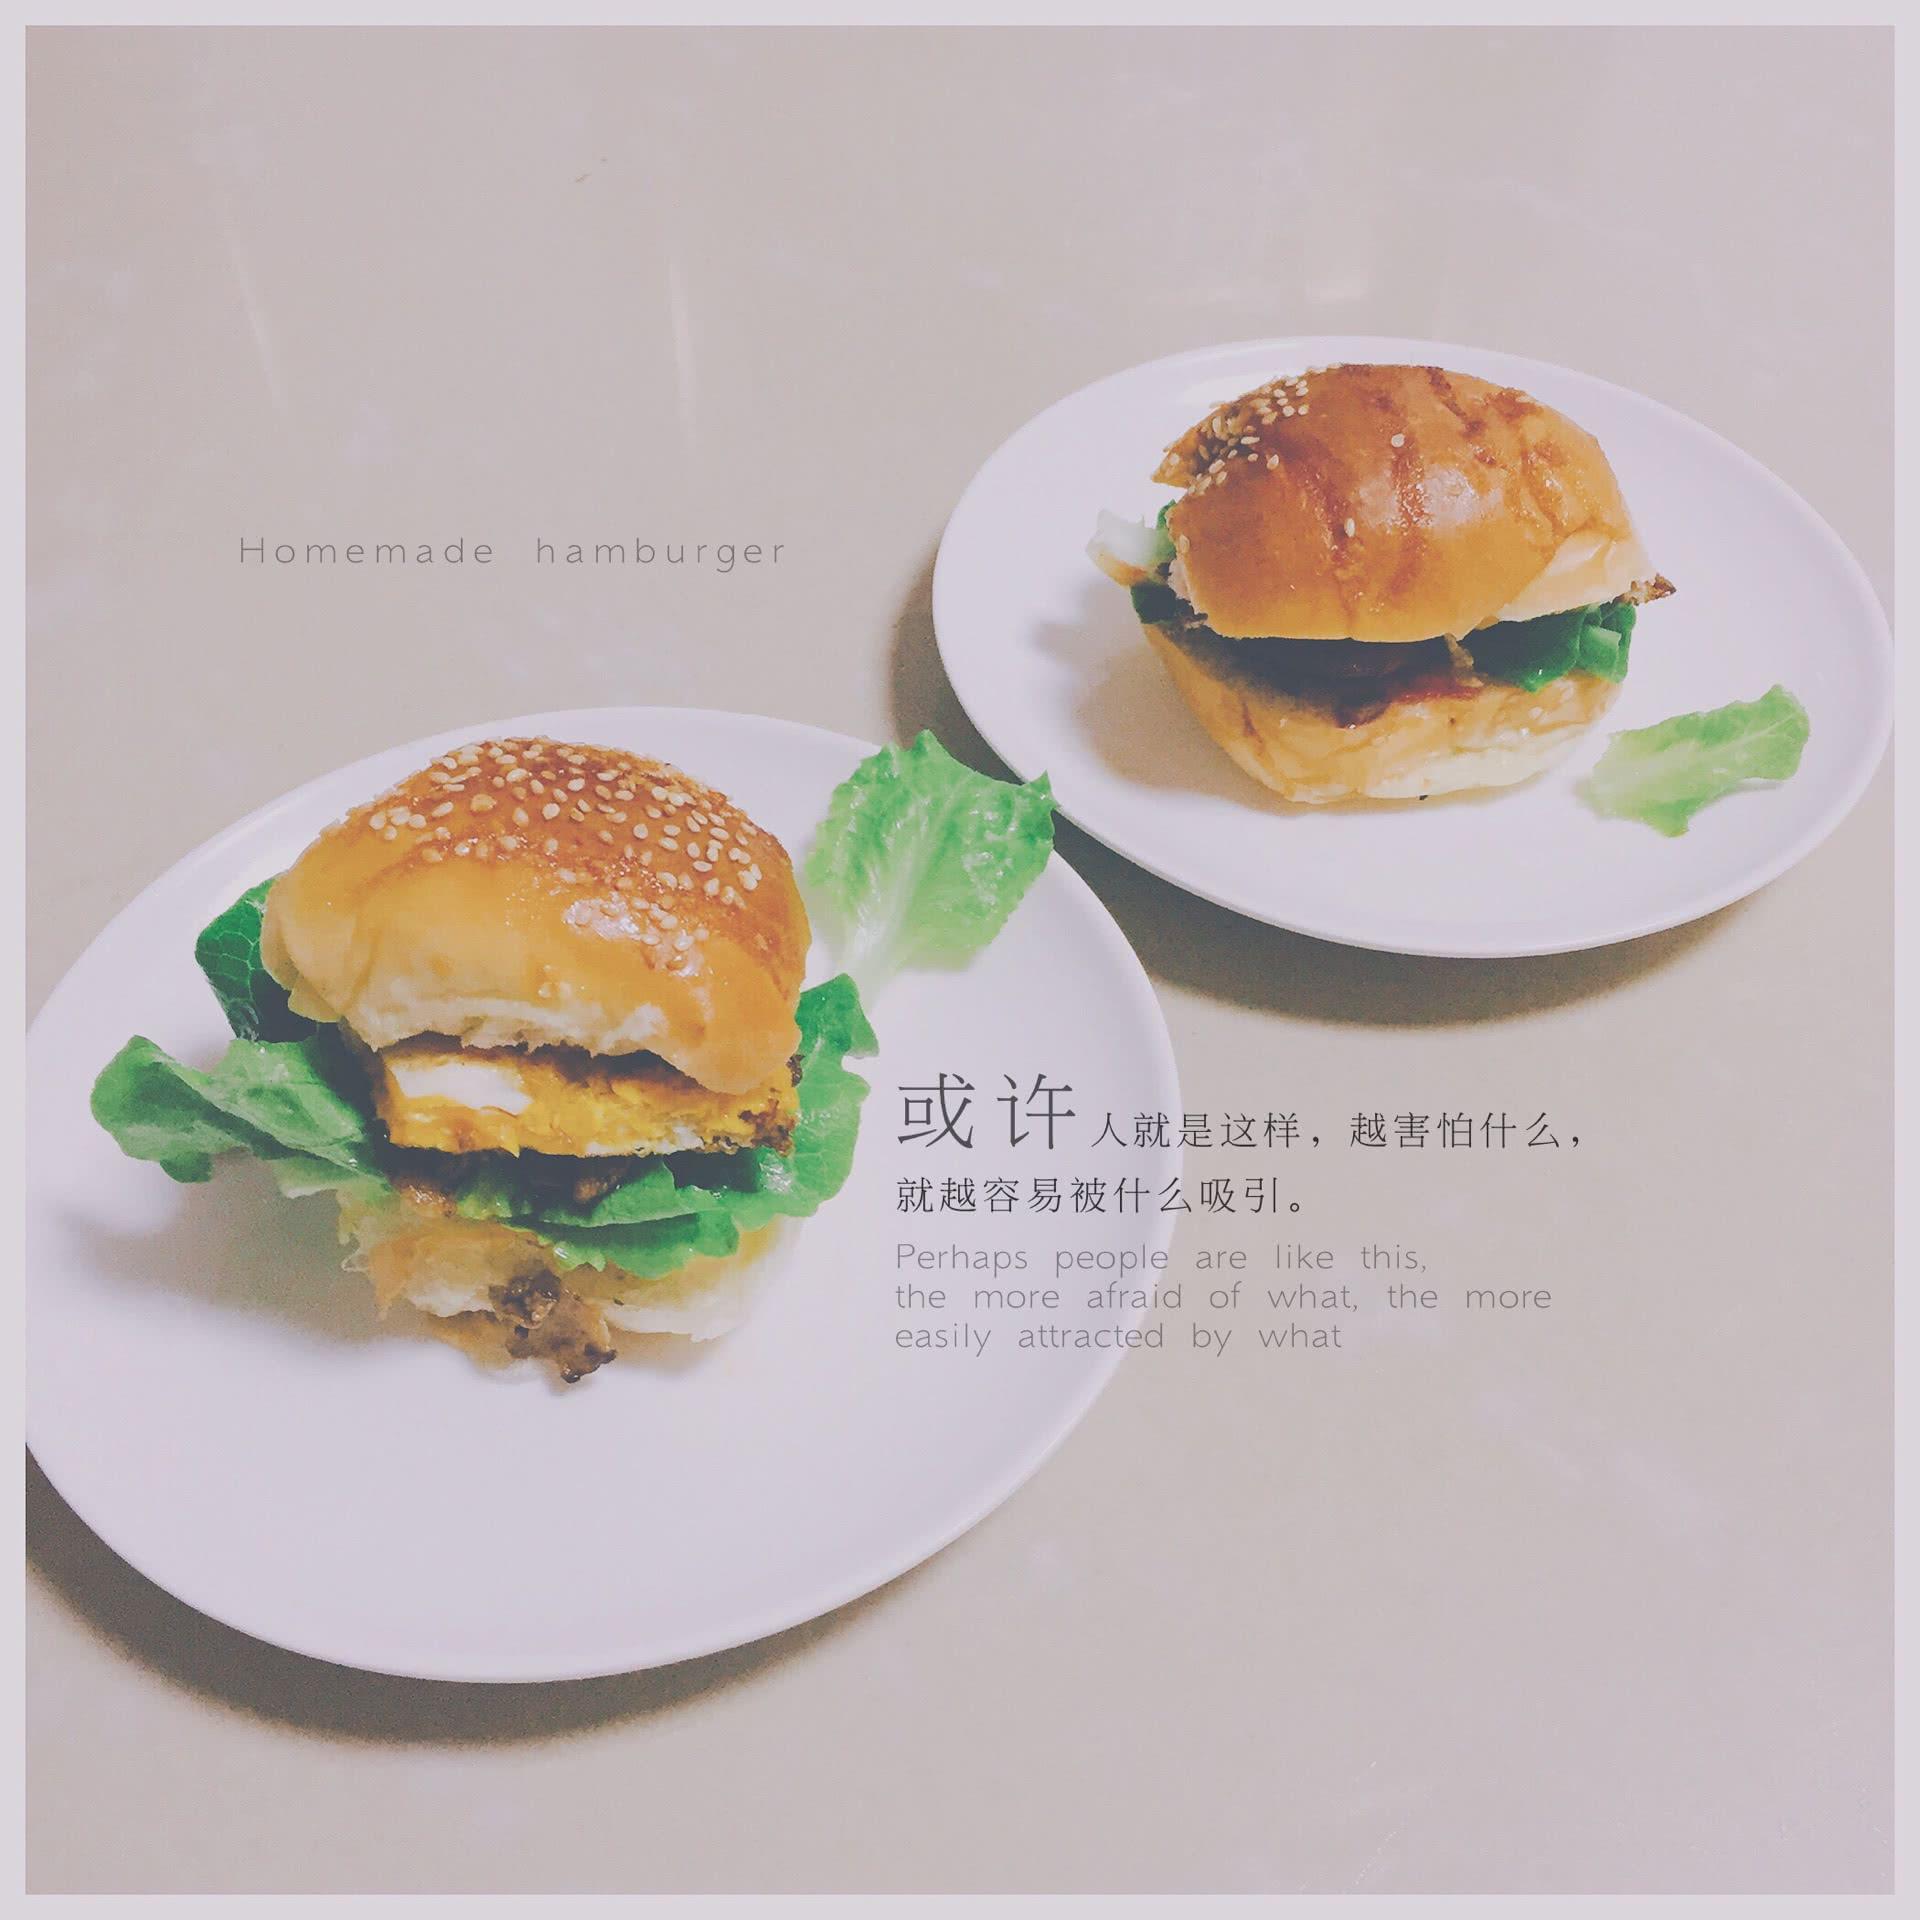 自制简易超赞汉堡包的做法步骤 3.